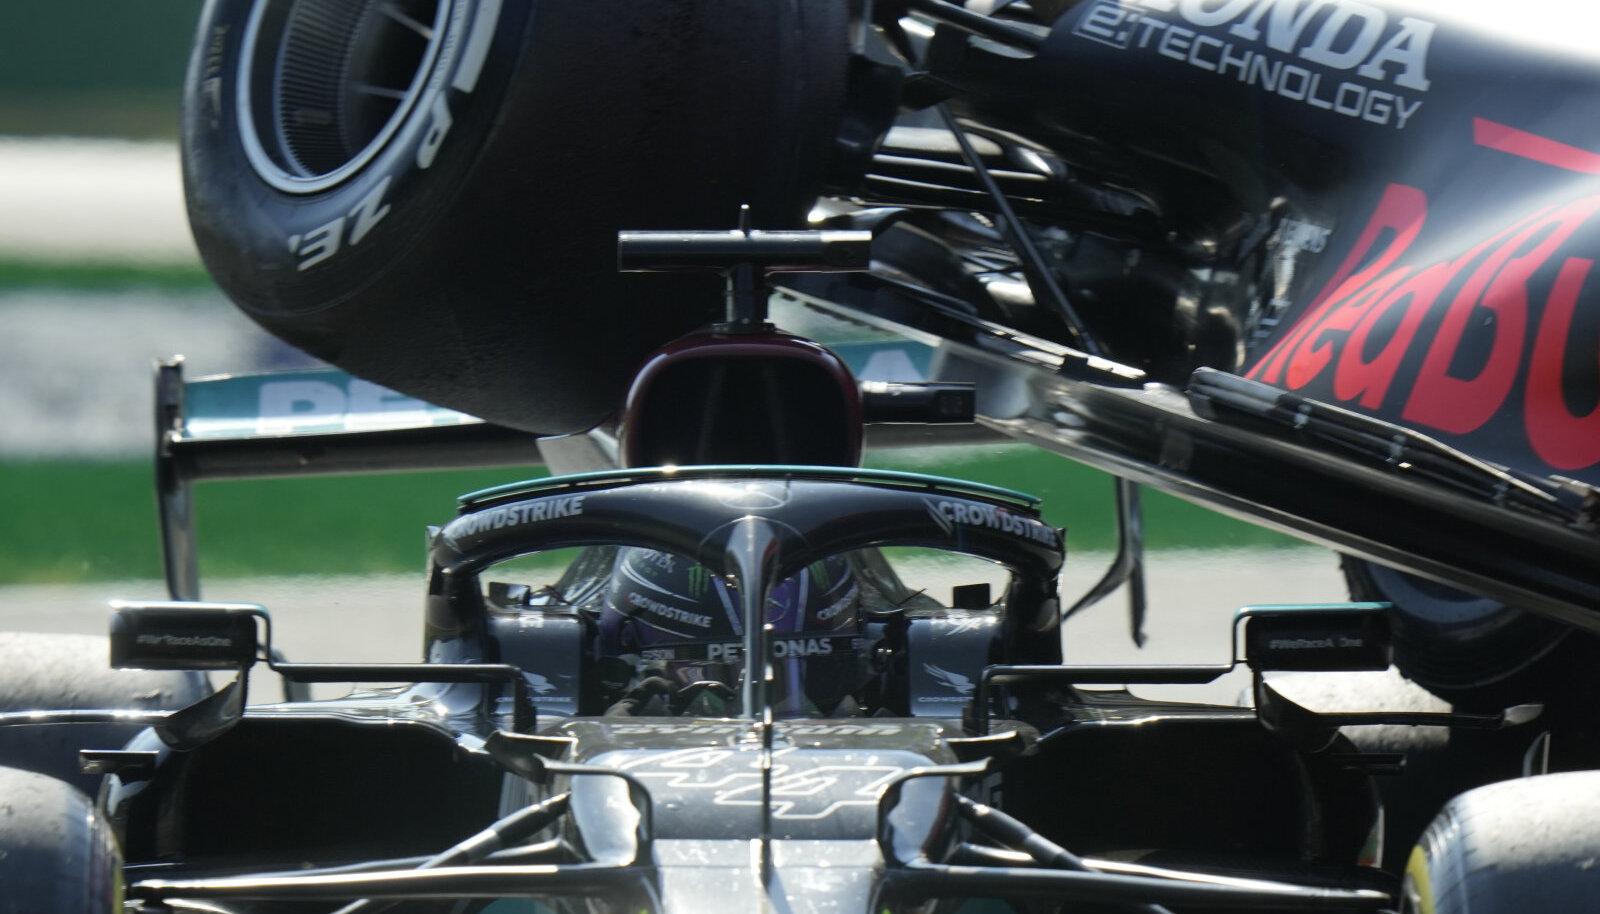 Lewis Hamiltoni ja Max Verstappeni avarii Monzas.